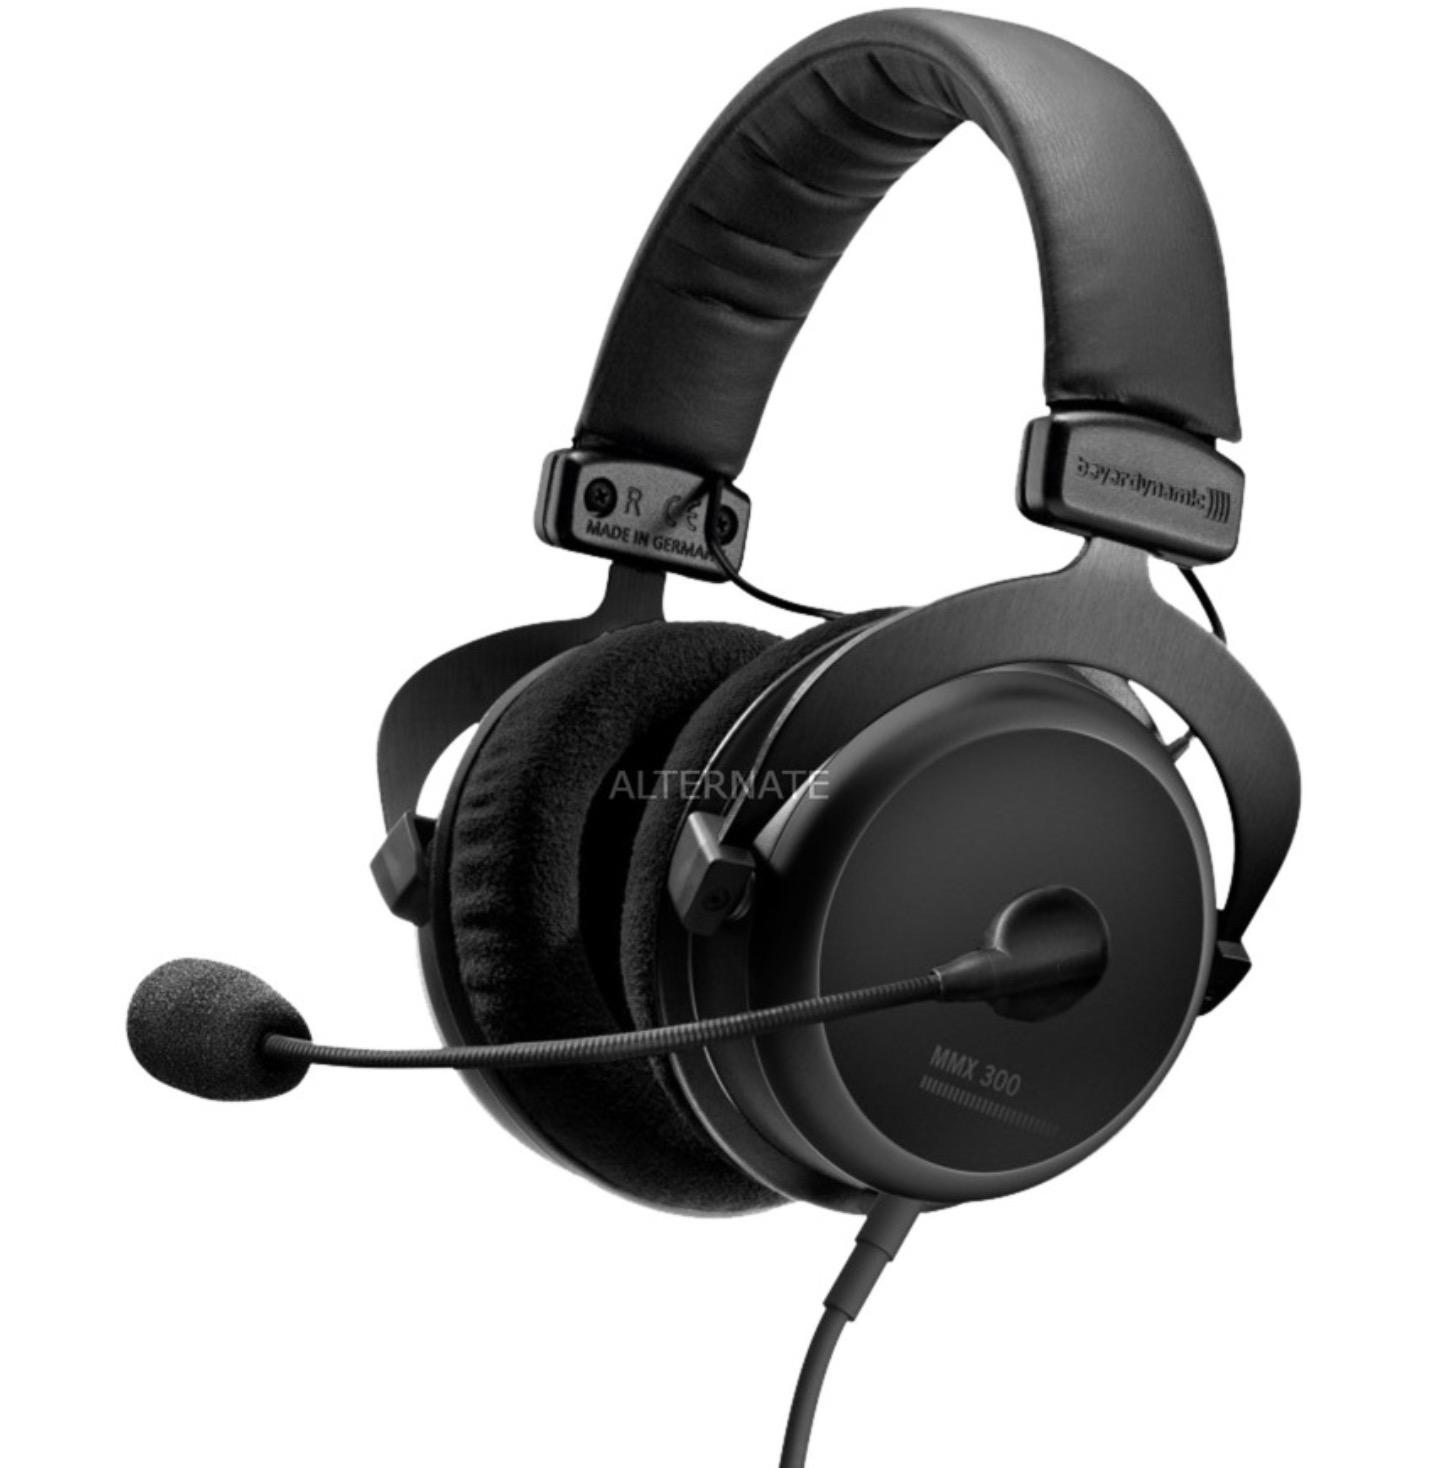 beyerdynamic MMX 300, Headset (schwarz, 2. Generation) für nur 229,- Euro inkl. Versand